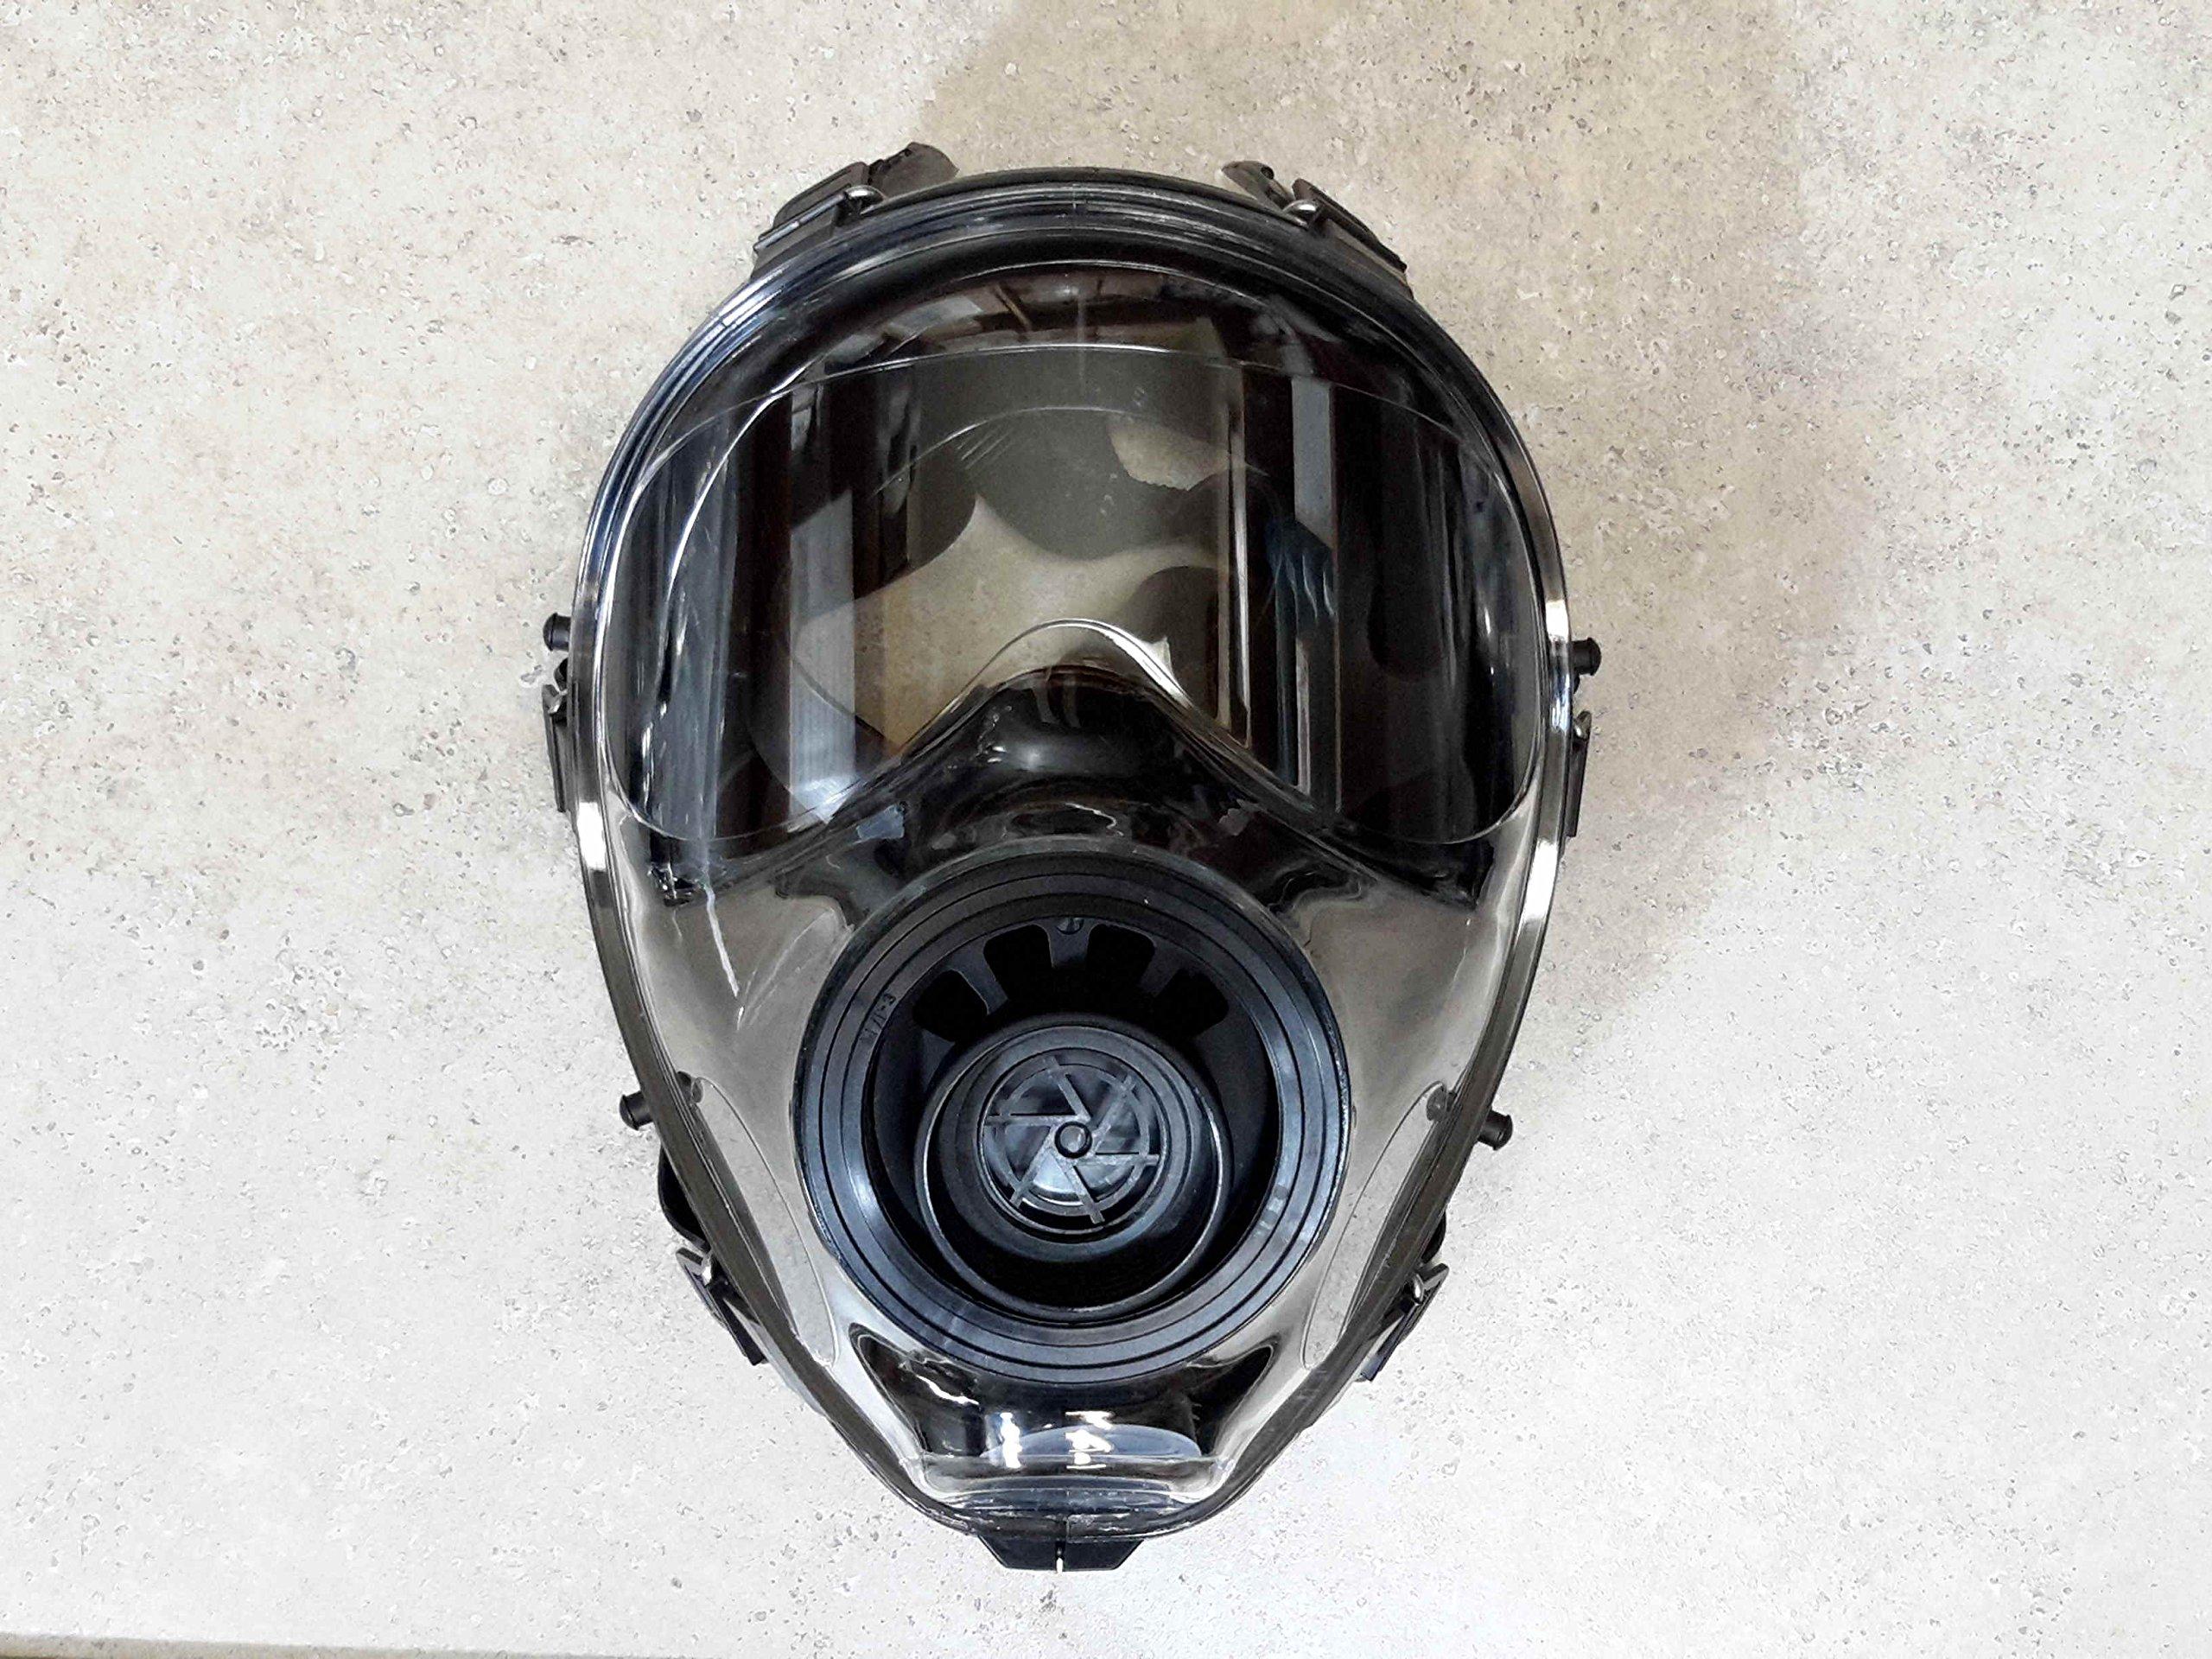 Israeli Military Spec Gas Mask NBC 40mm Full Face Emergency Preparedness Respirator - Made in 2017 (150 - Med/Lrg Gas Mask)